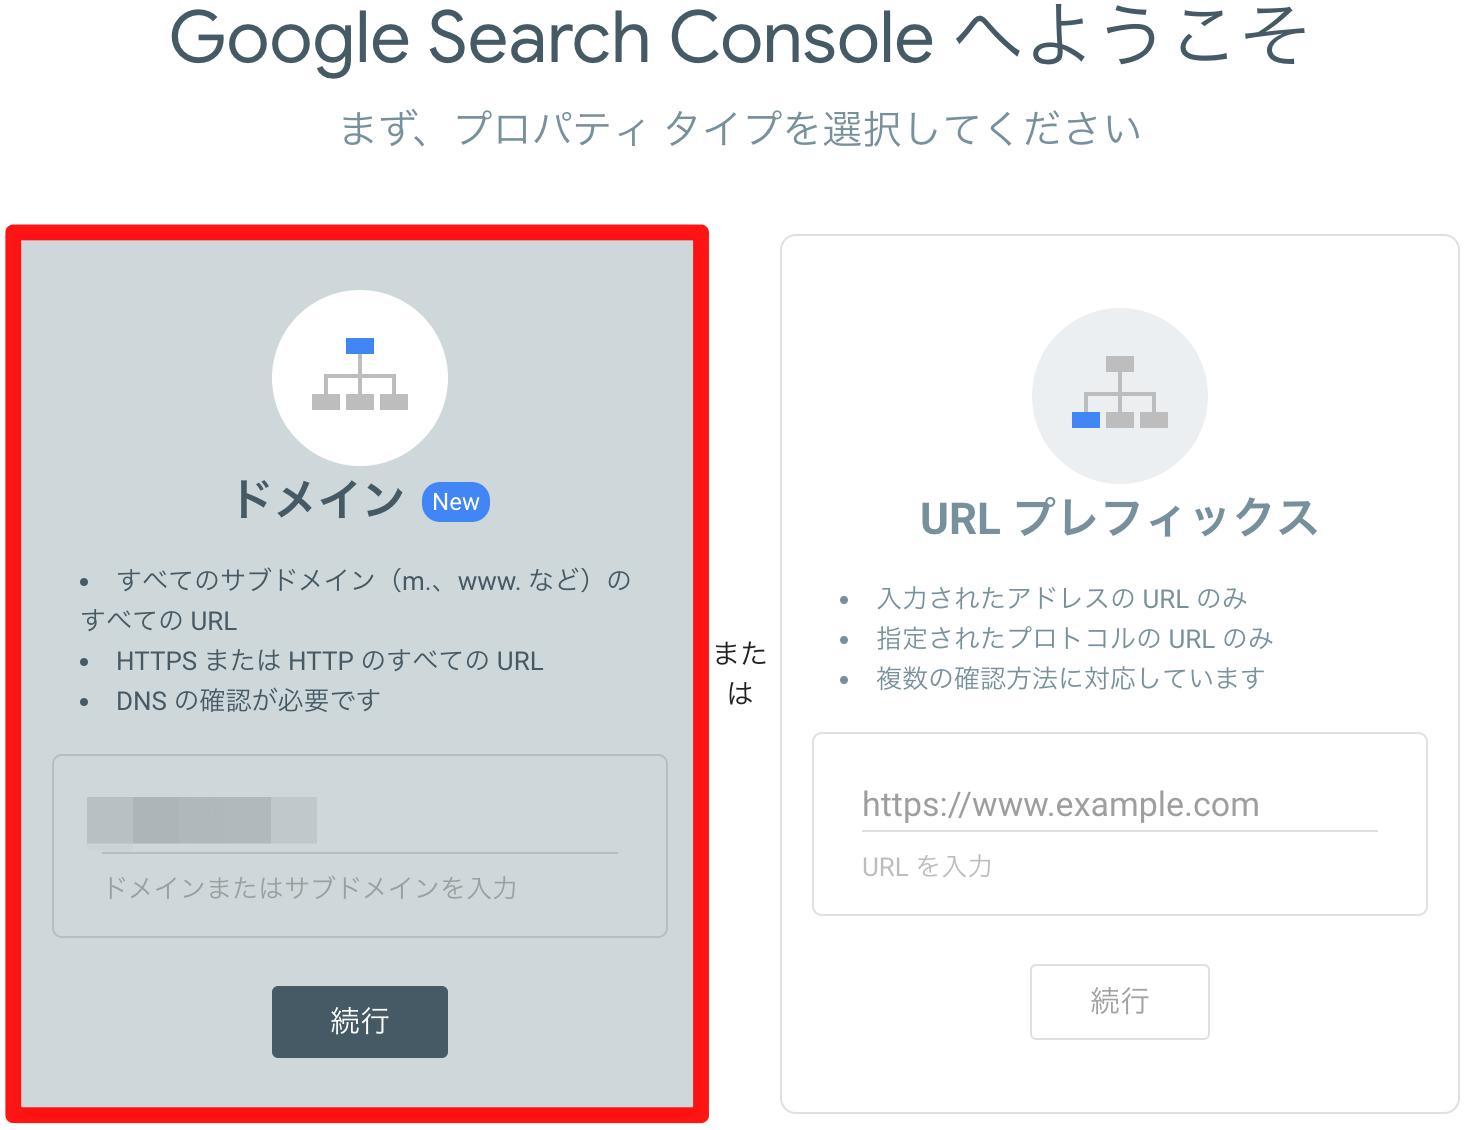 グーグルサーチコンソール登録